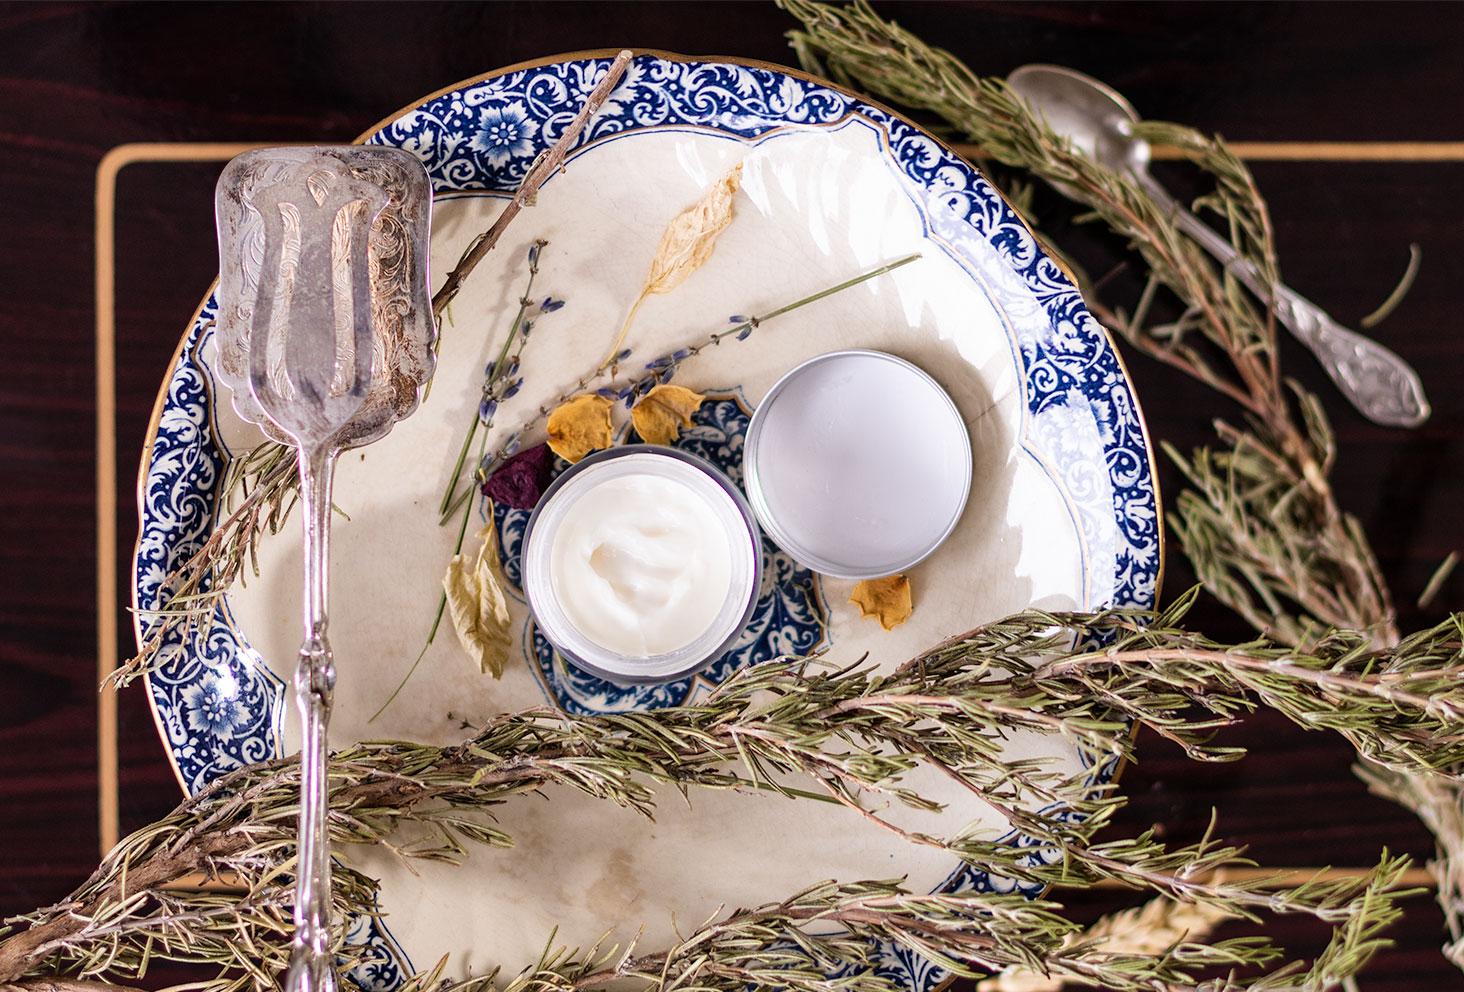 Le pot du baume d'Eclat de Mademoiselle Saint Germain ouvert, au milieu de couverts en argent sur une desserte en bois vernis